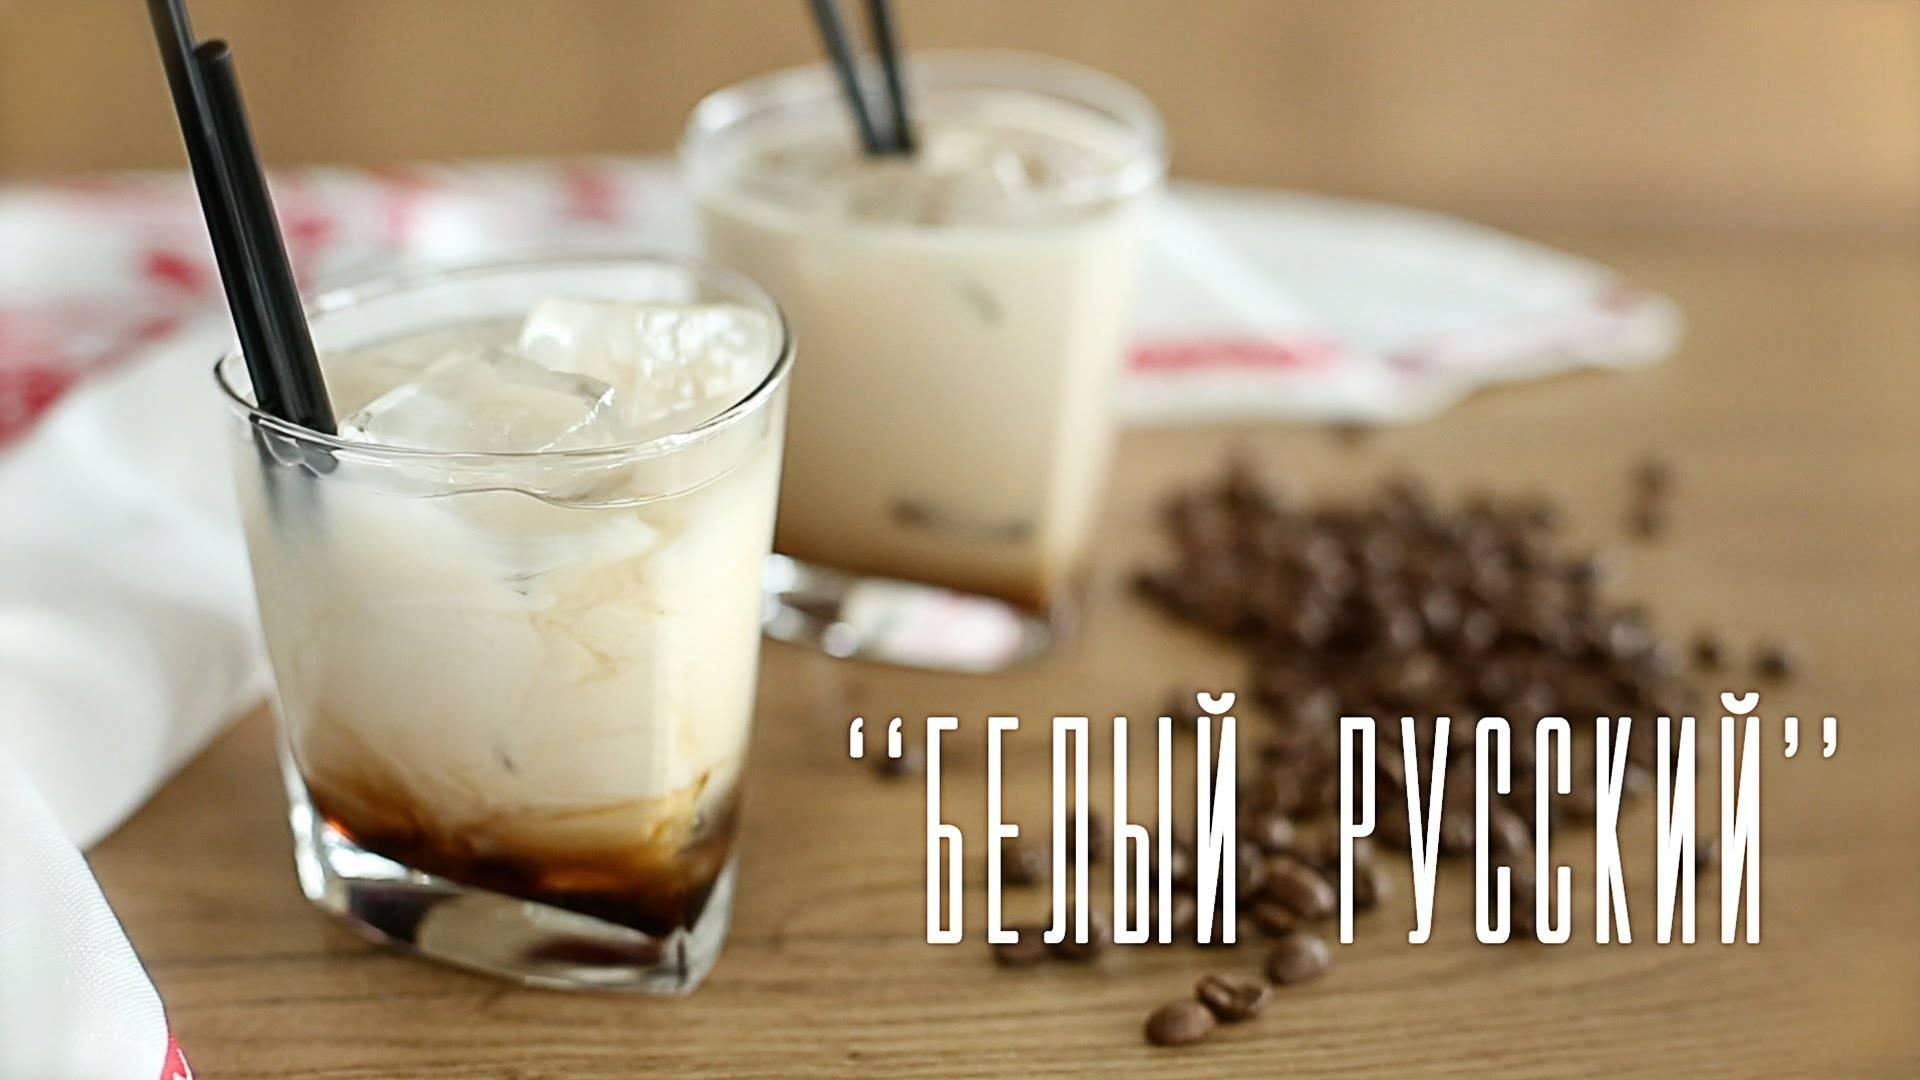 ? коктейль белый русский (white russian) - история, состав и рецепт приготовления